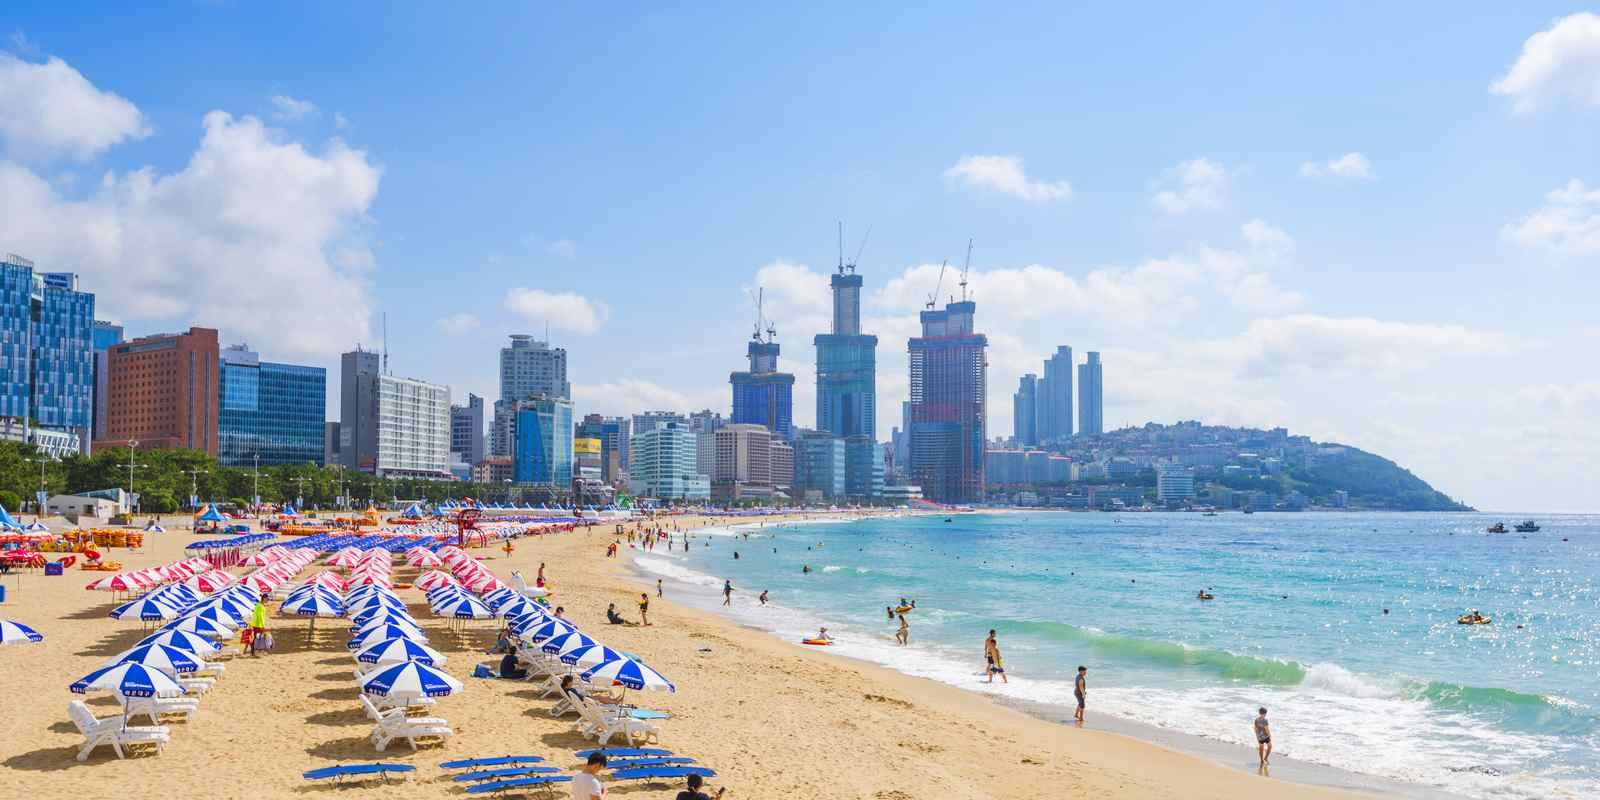 Les plages de Corée du Sud bientôt compatibles avec Bitcoin et Ethereum